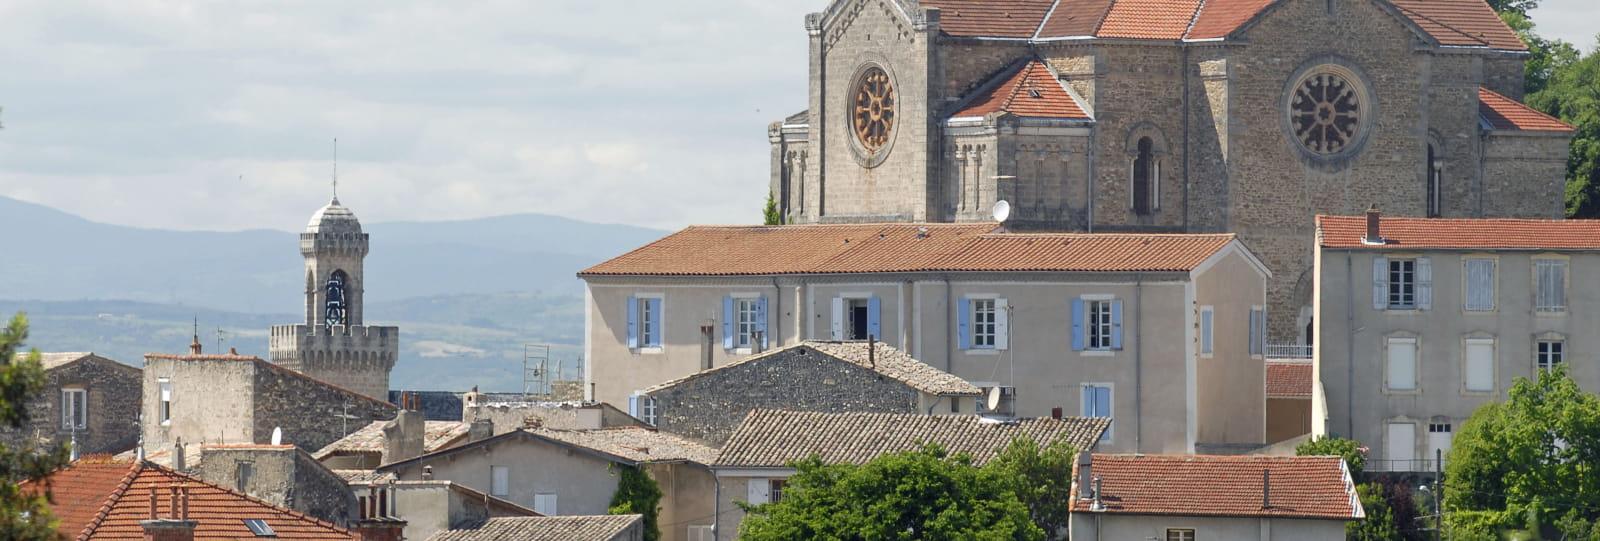 L'Hôtel des Princes de Monaco